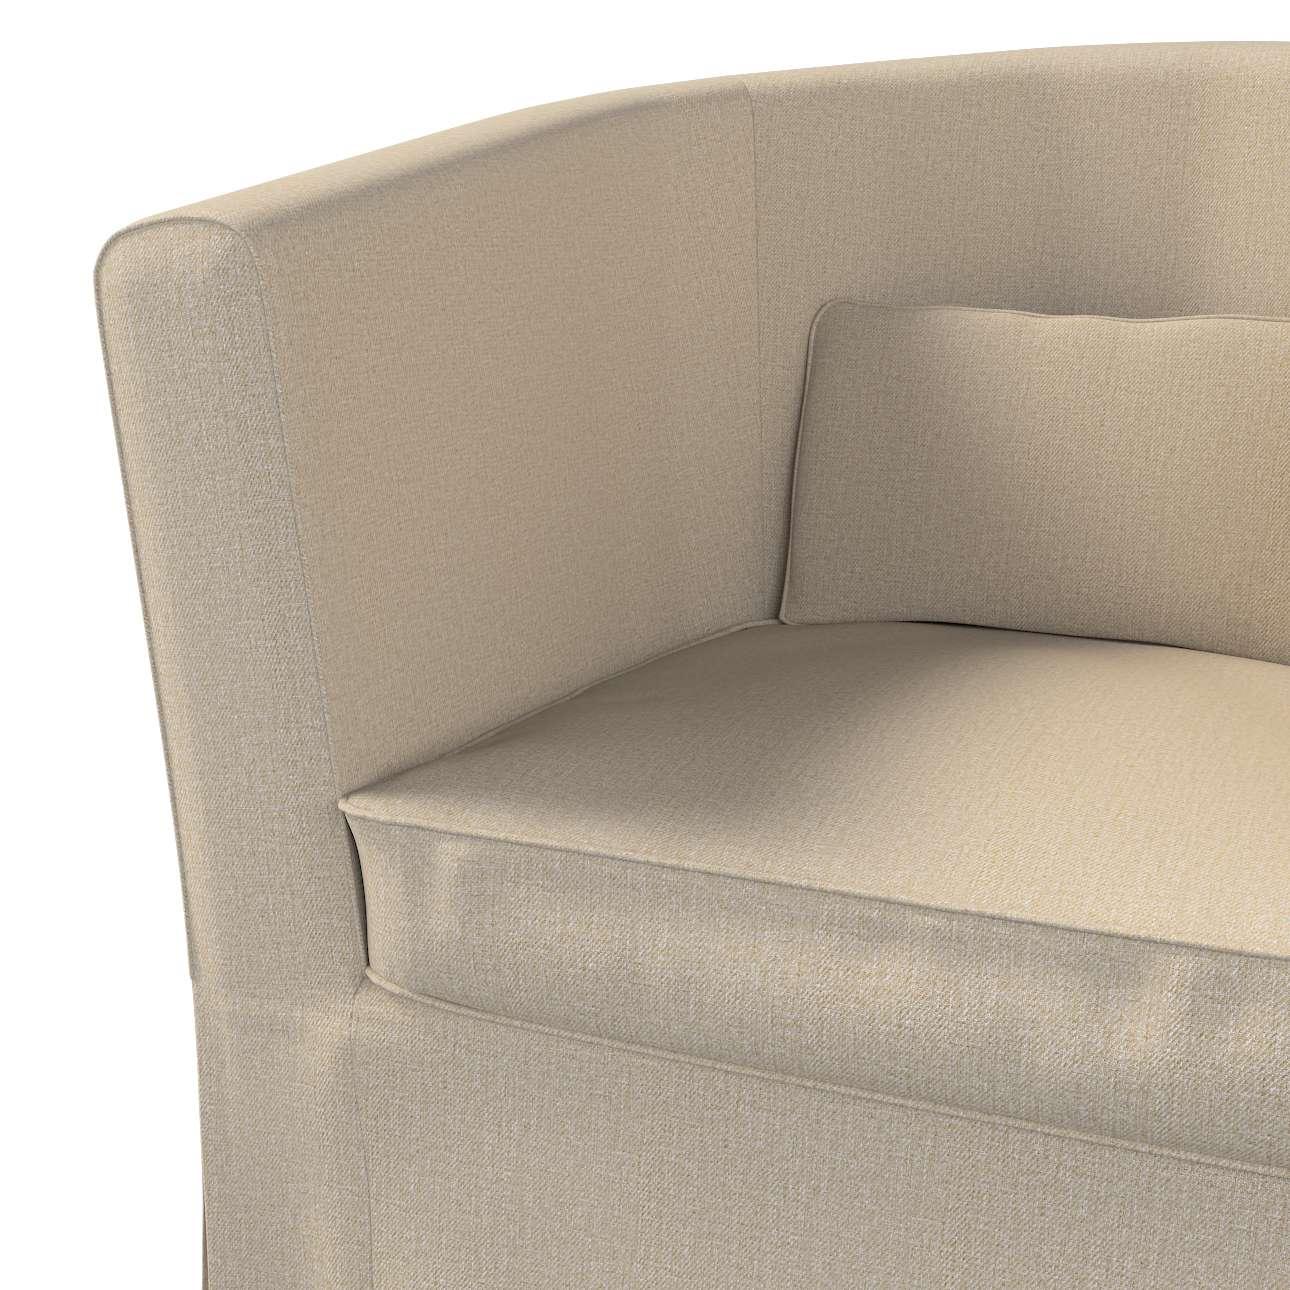 Pokrowiec na fotel Ektorp Tullsta w kolekcji Edinburgh, tkanina: 115-78